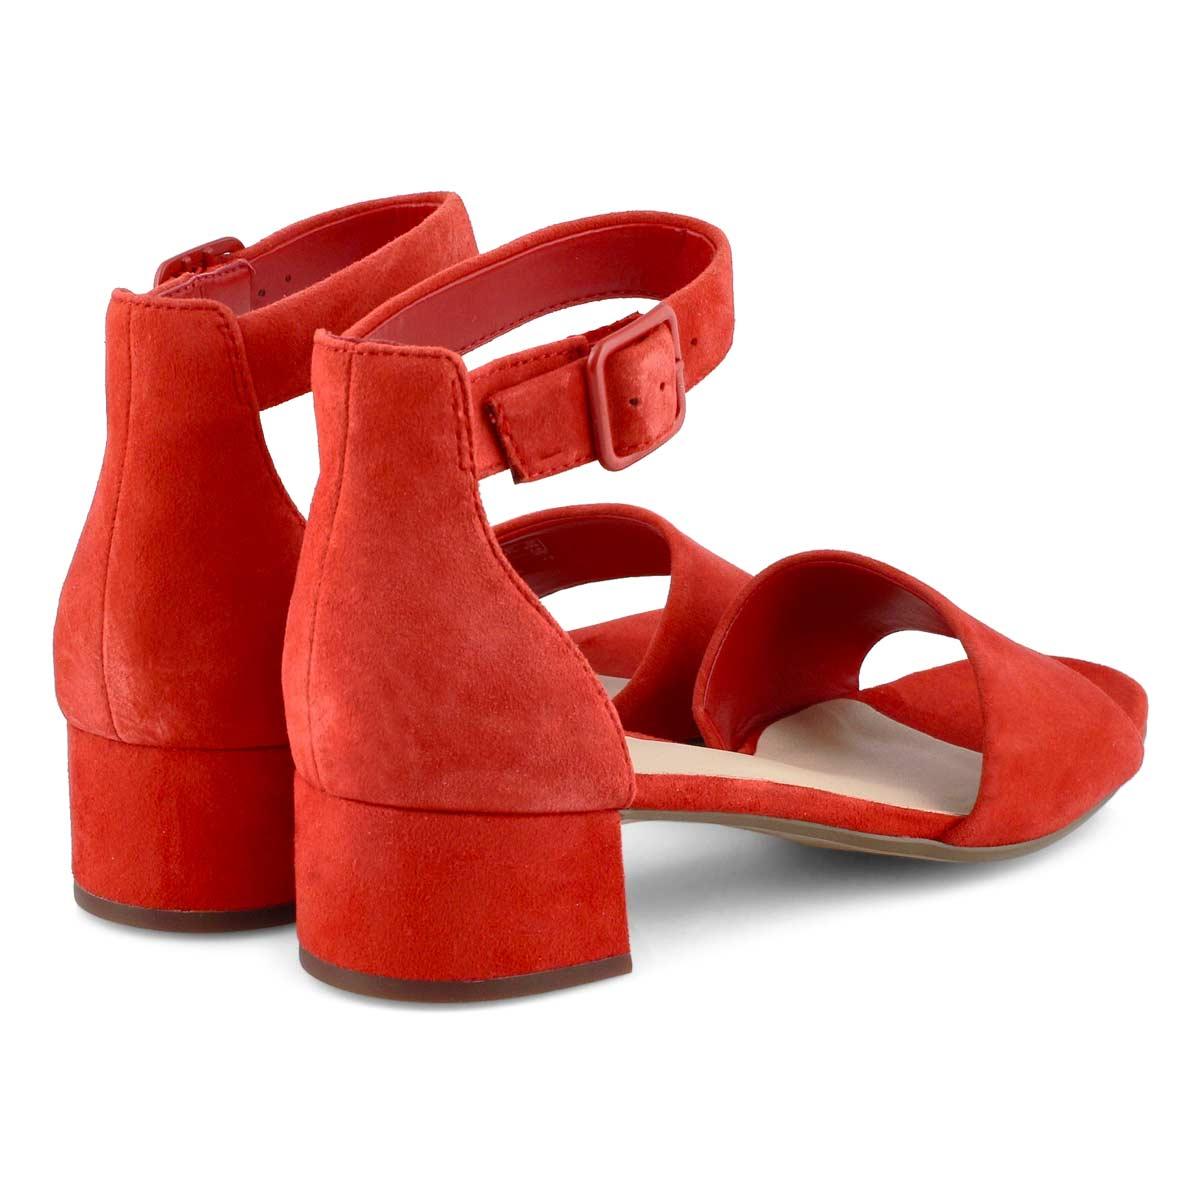 Lds Elisa Dedra red dress sandal